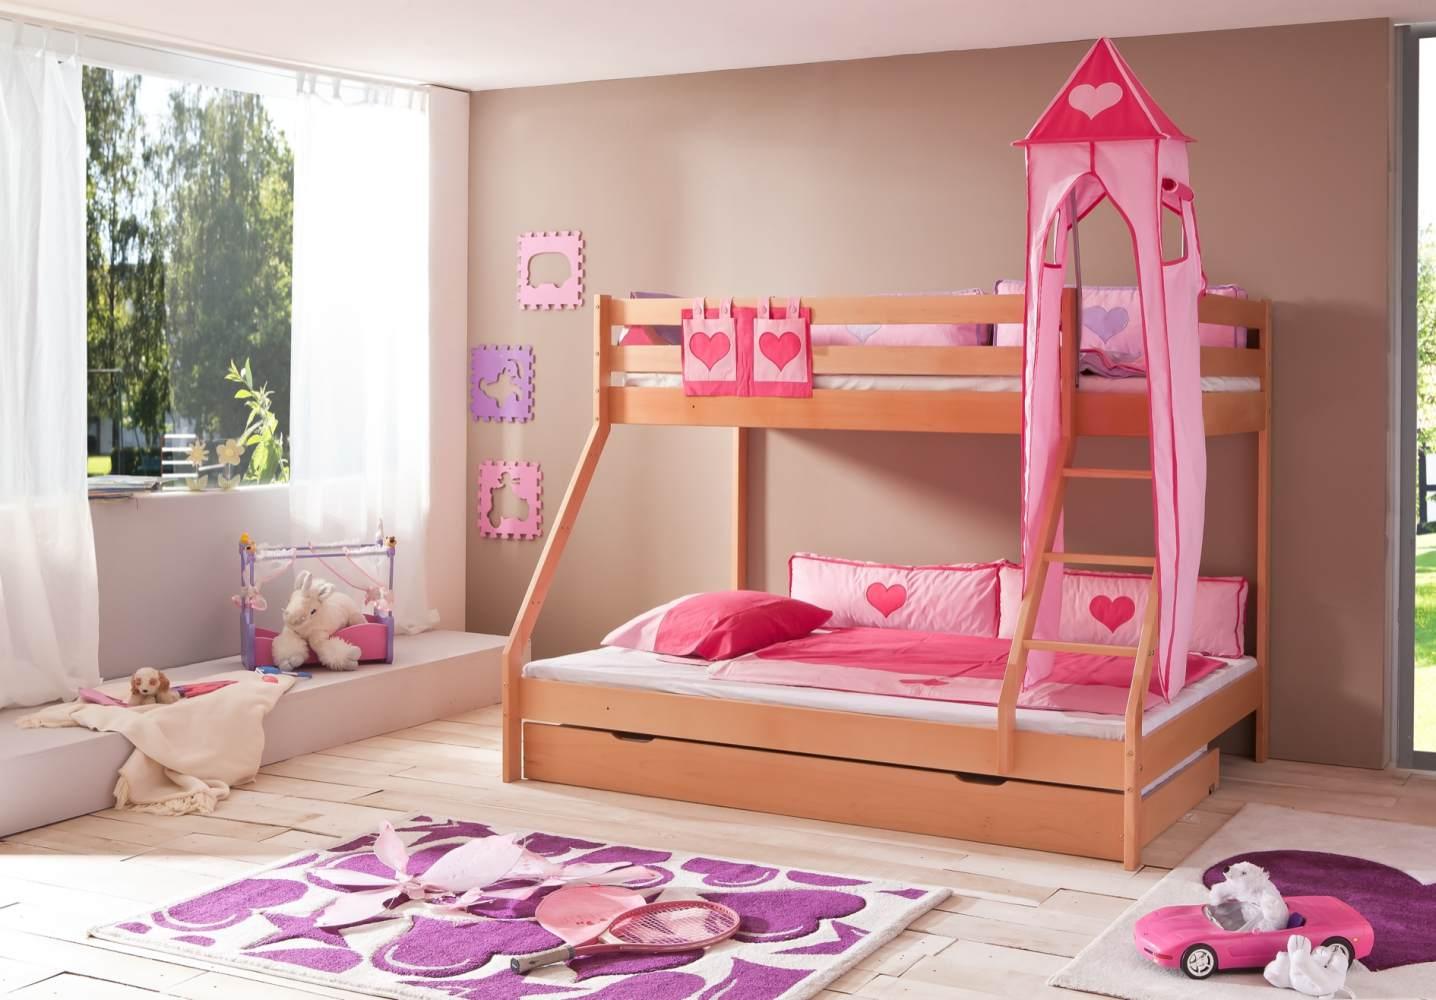 Relita 'Mike' Etagenbett natur, inkl. Bettschublade und Textilset Turm und Tasche 'pink/herz' Bild 1